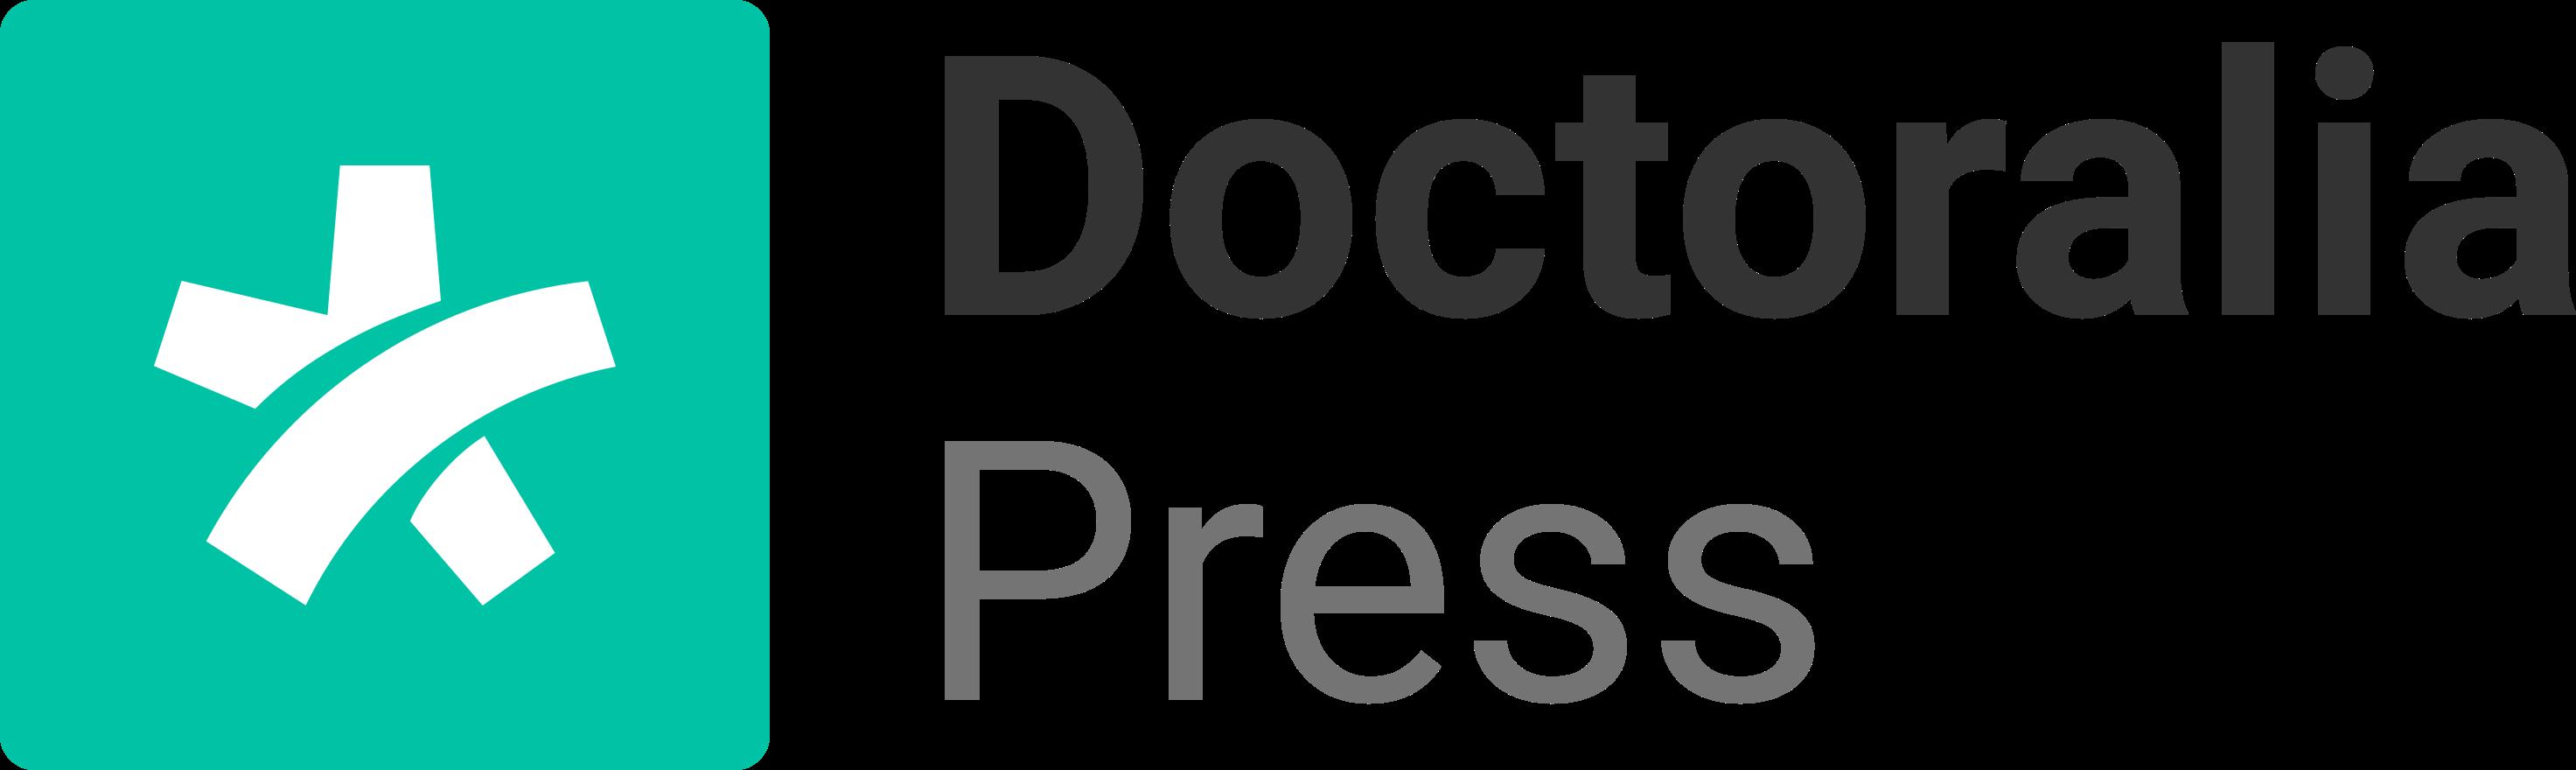 Media Room | Doctoralia logo